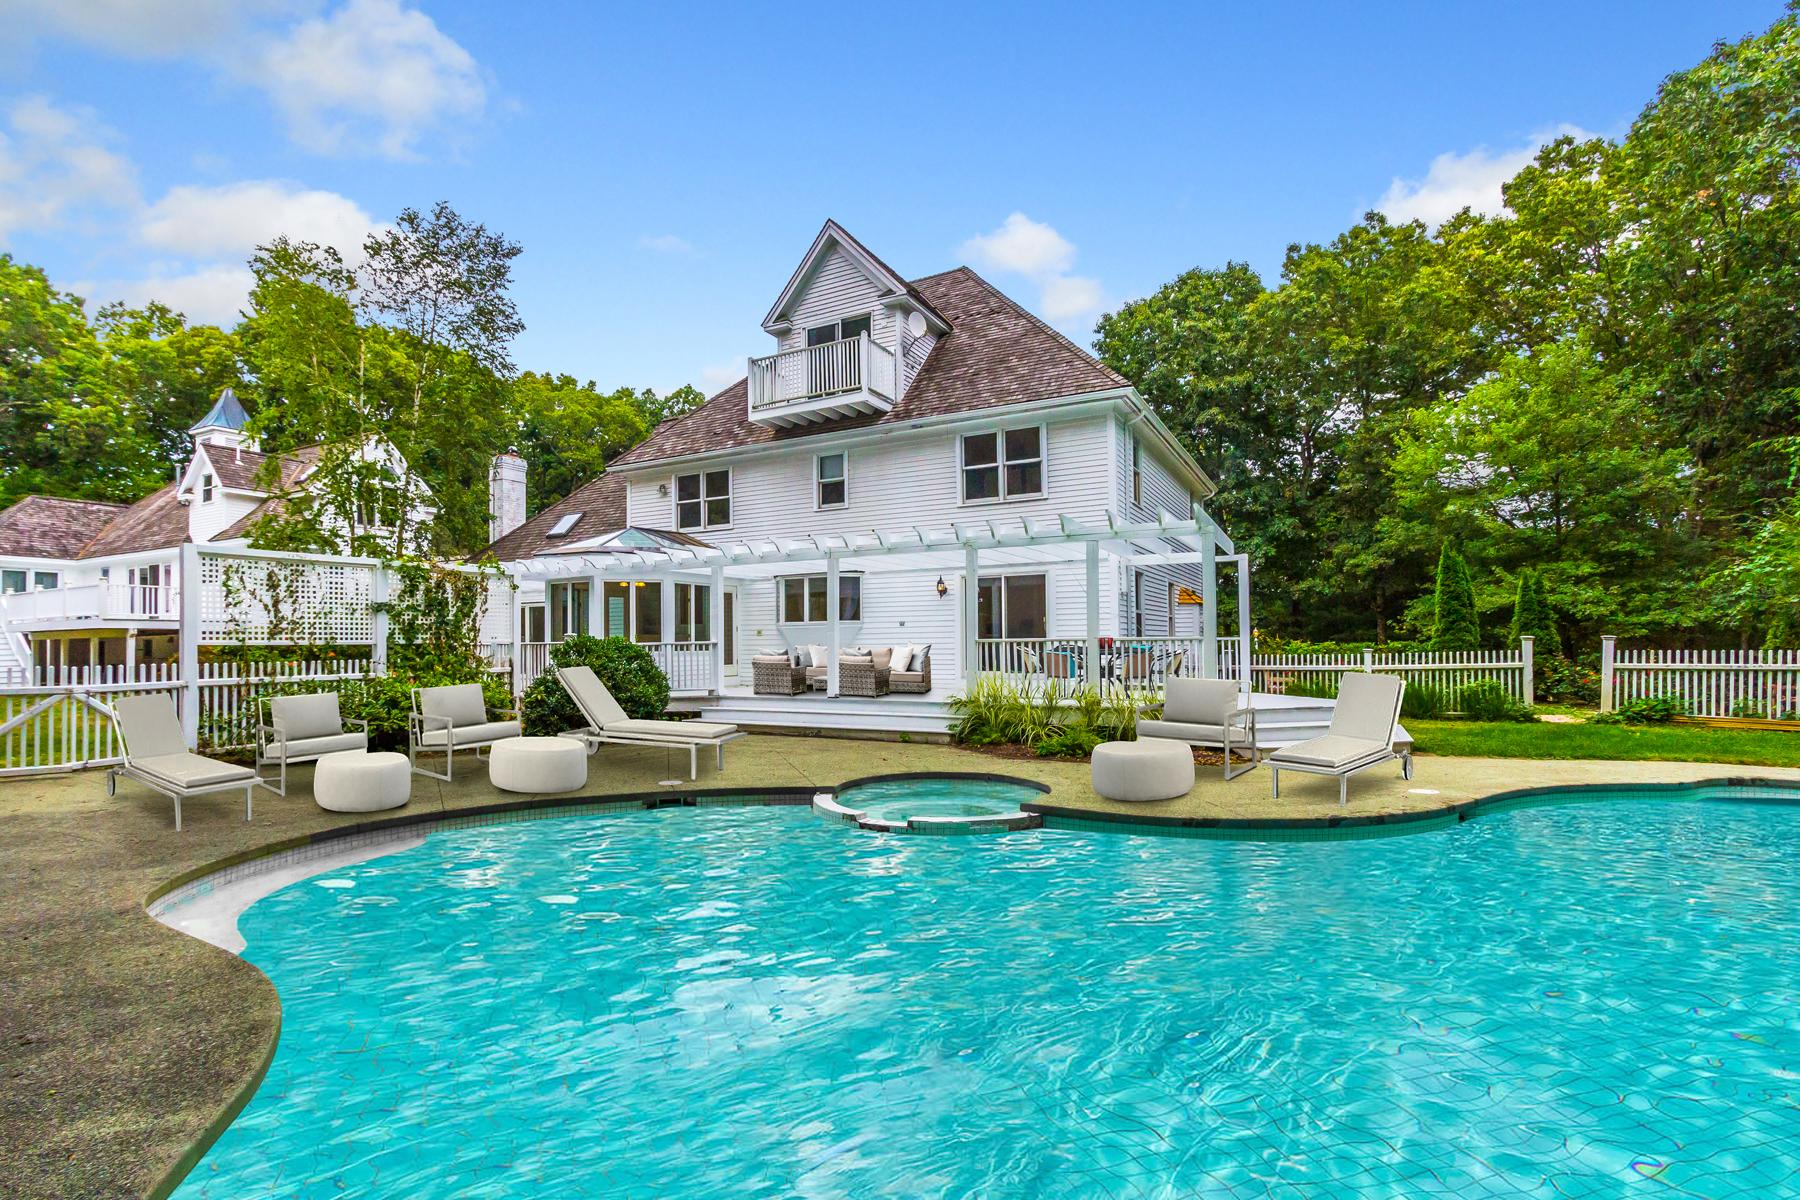 Частный односемейный дом для того Продажа на WORDSEND: 16 Saddlebrook Rd, Natick, MA 16 Saddlebrook Road, Natick, Массачусетс, 01760 Соединенные Штаты